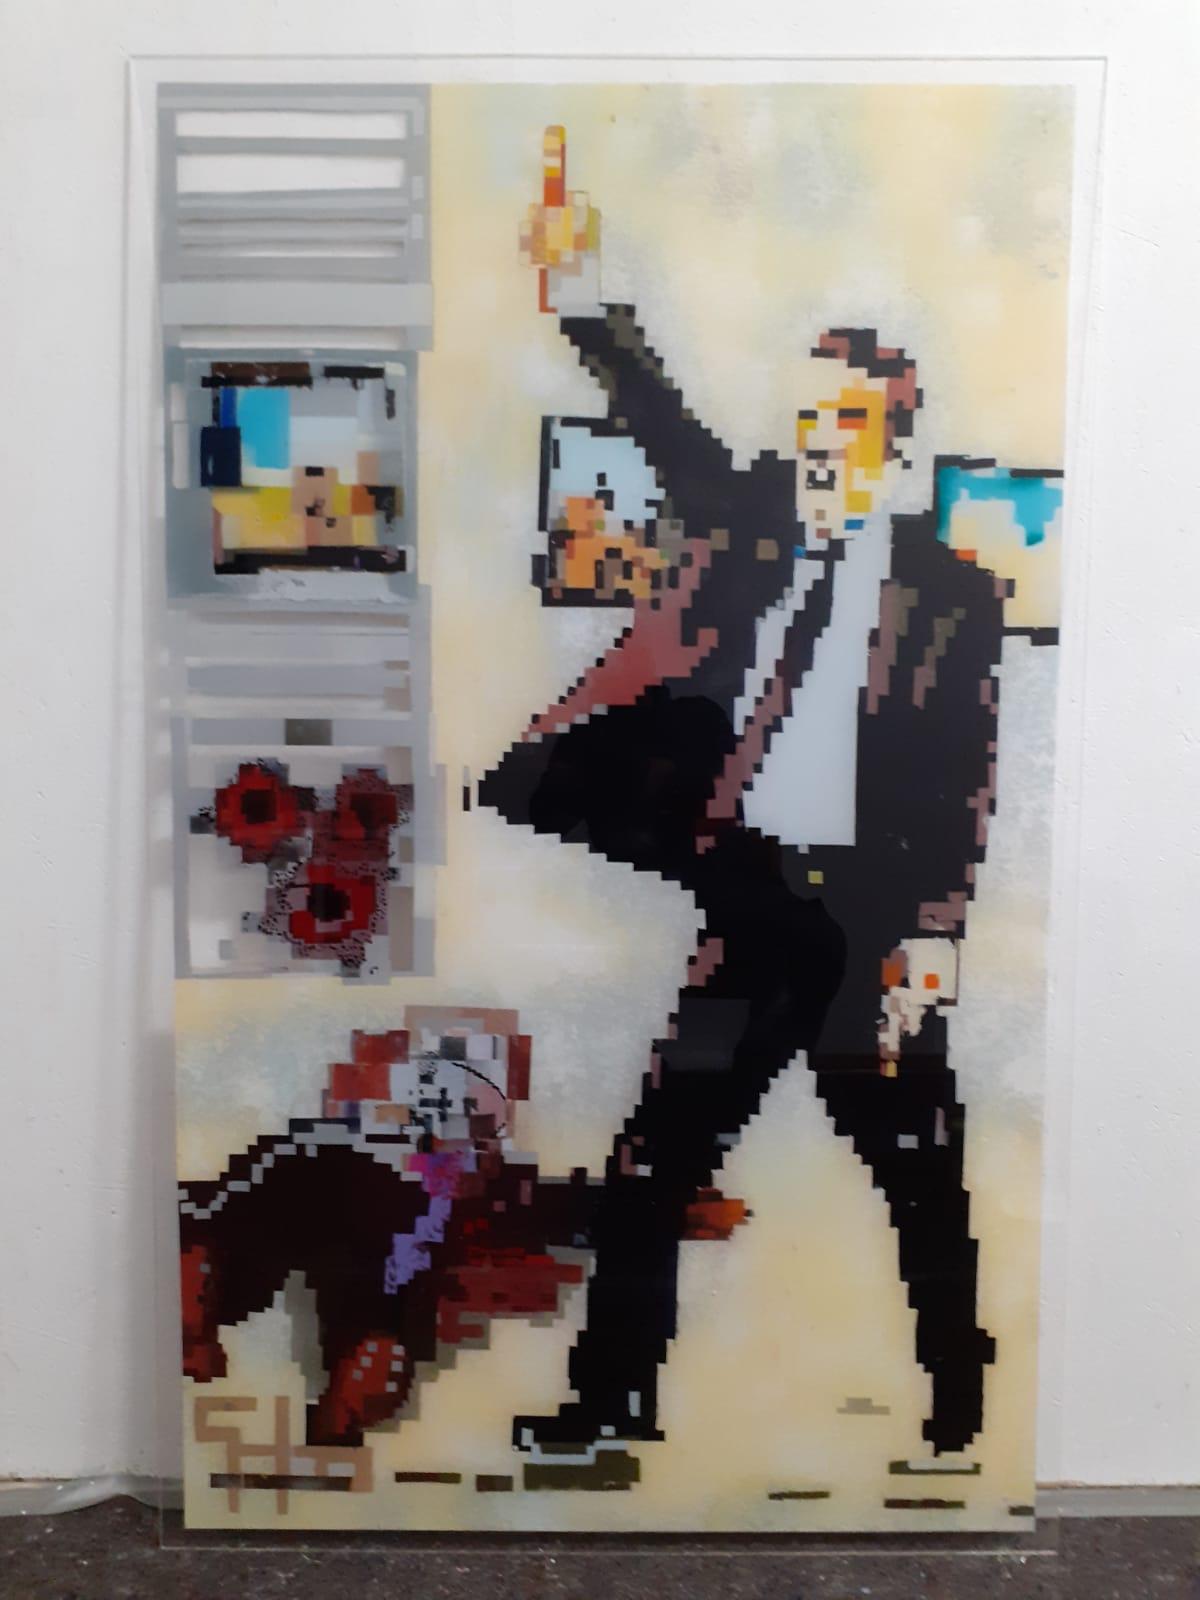 Mord in der Ausstellung    103 x 165 x 0,6 cm Spray auf transparenter Acrylplatte